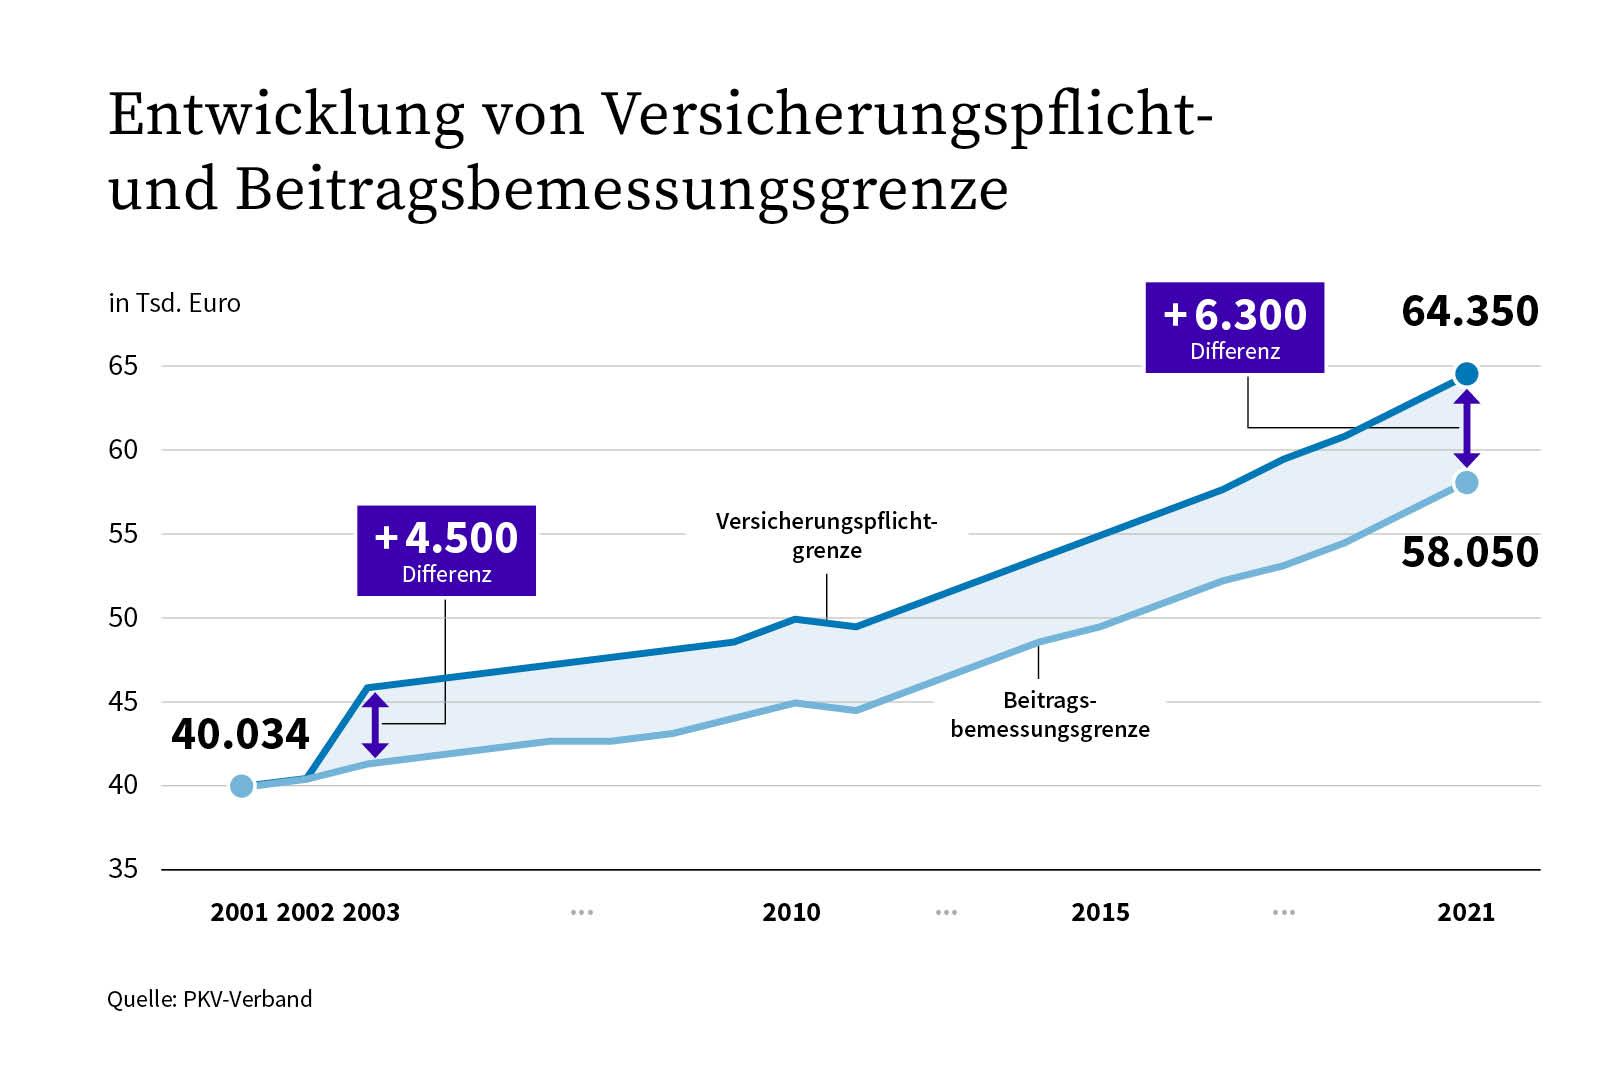 Versicherungspflichtgrenze steigt 2021 um 3 Prozent ...